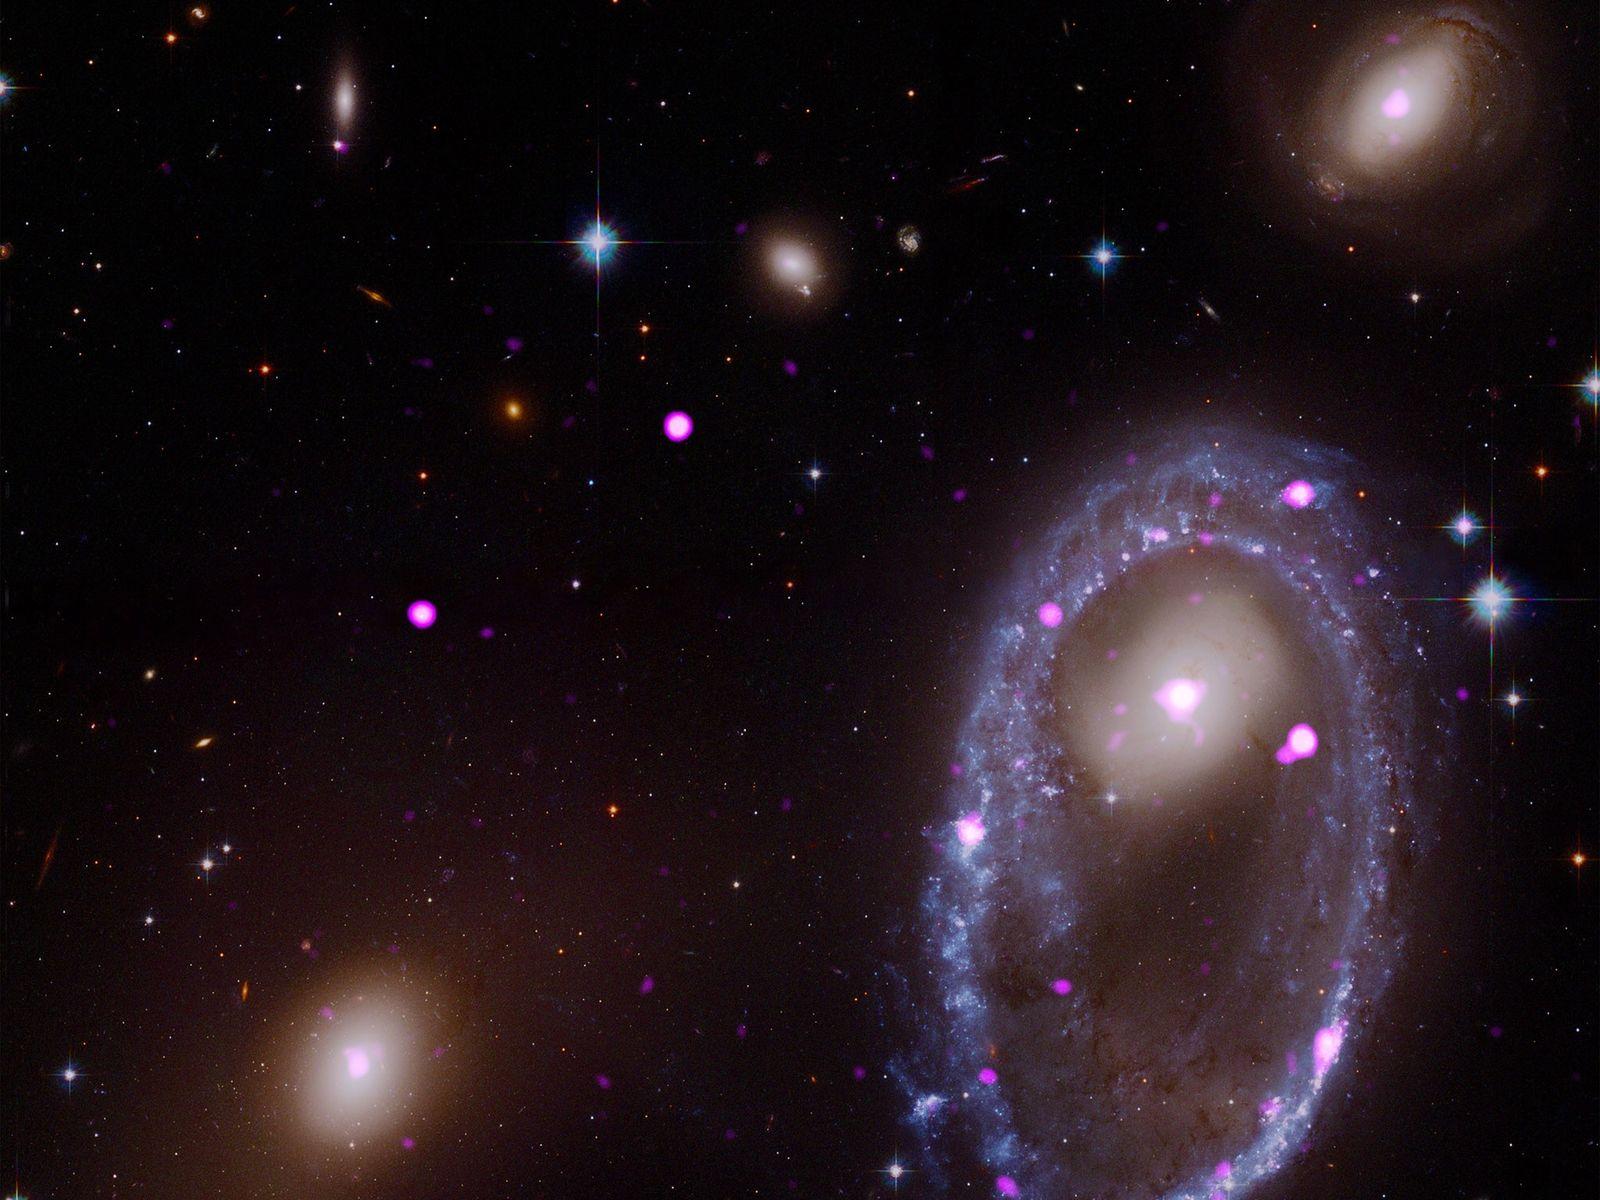 Uma imagem composta dos telescópios espaciais Hubble e Chandra mostra a galáxia de anel conhecida como ...